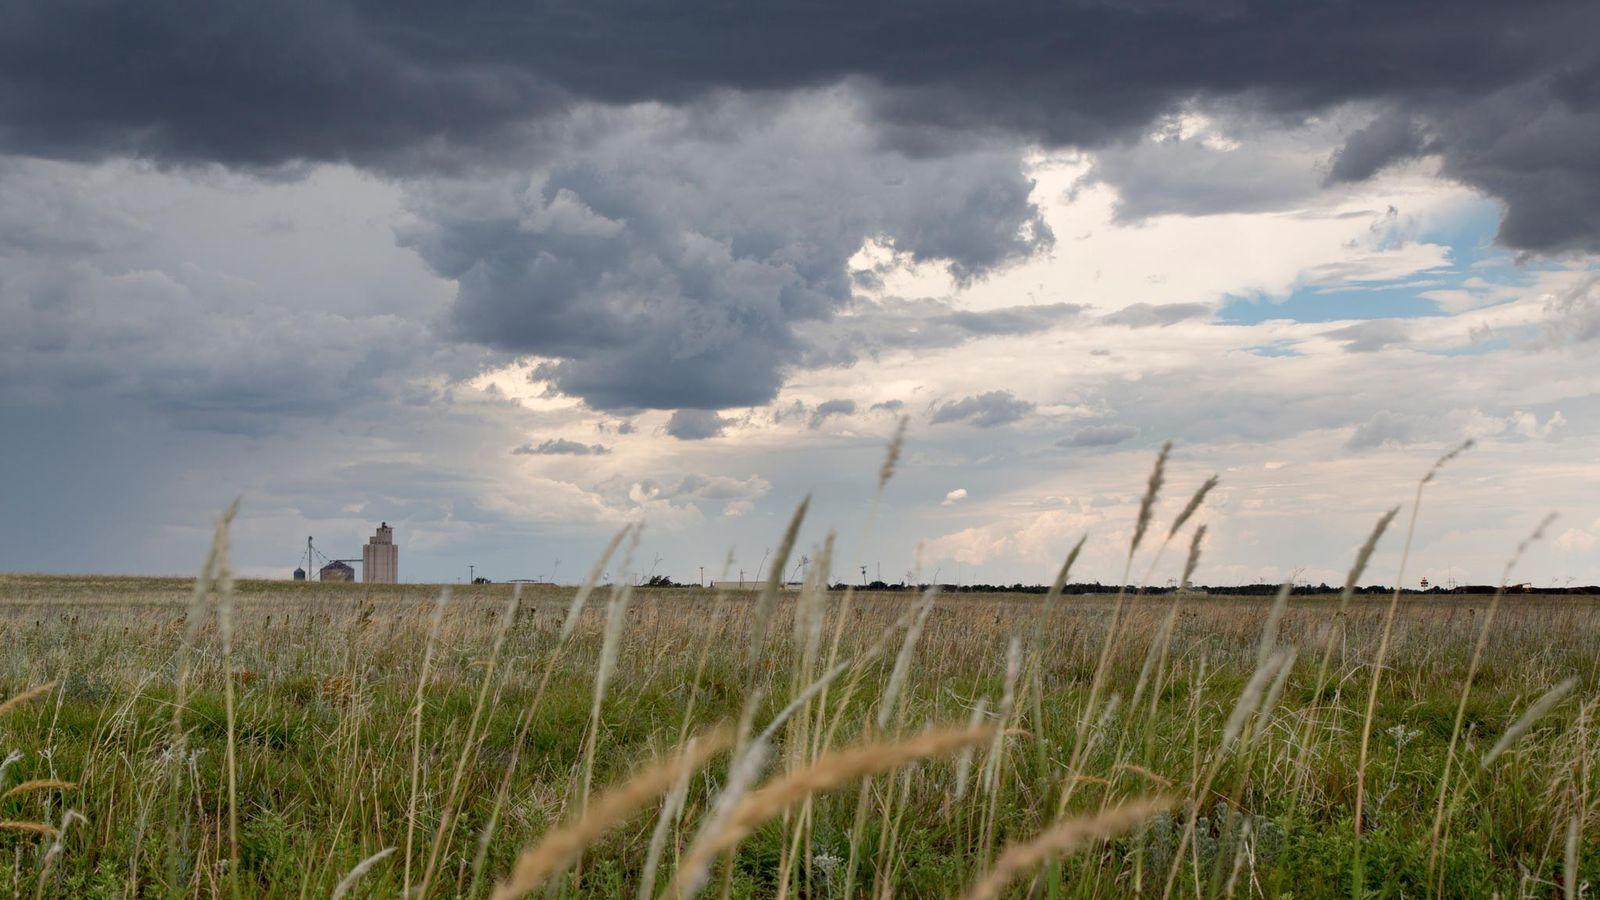 Nuvens de tempestade pairam sobre um campo em Oklahoma. Geólogos estão perseguindo um sinal incomum em ...